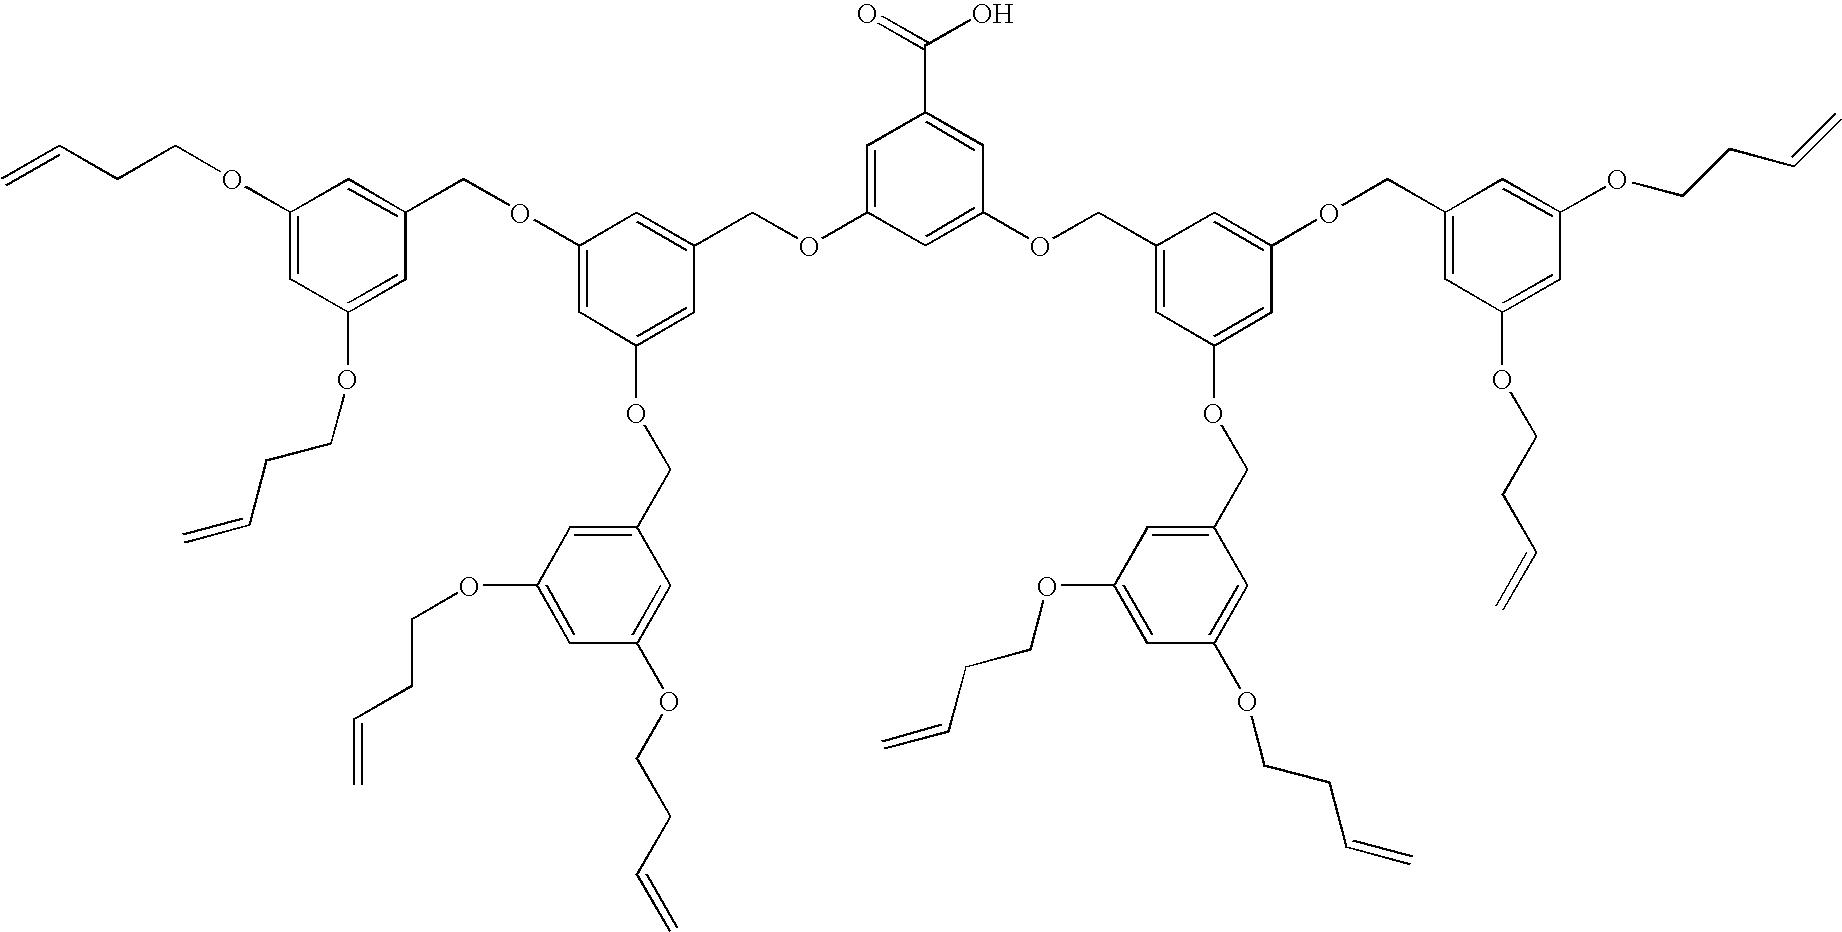 Figure US20100234213A1-20100916-C00002